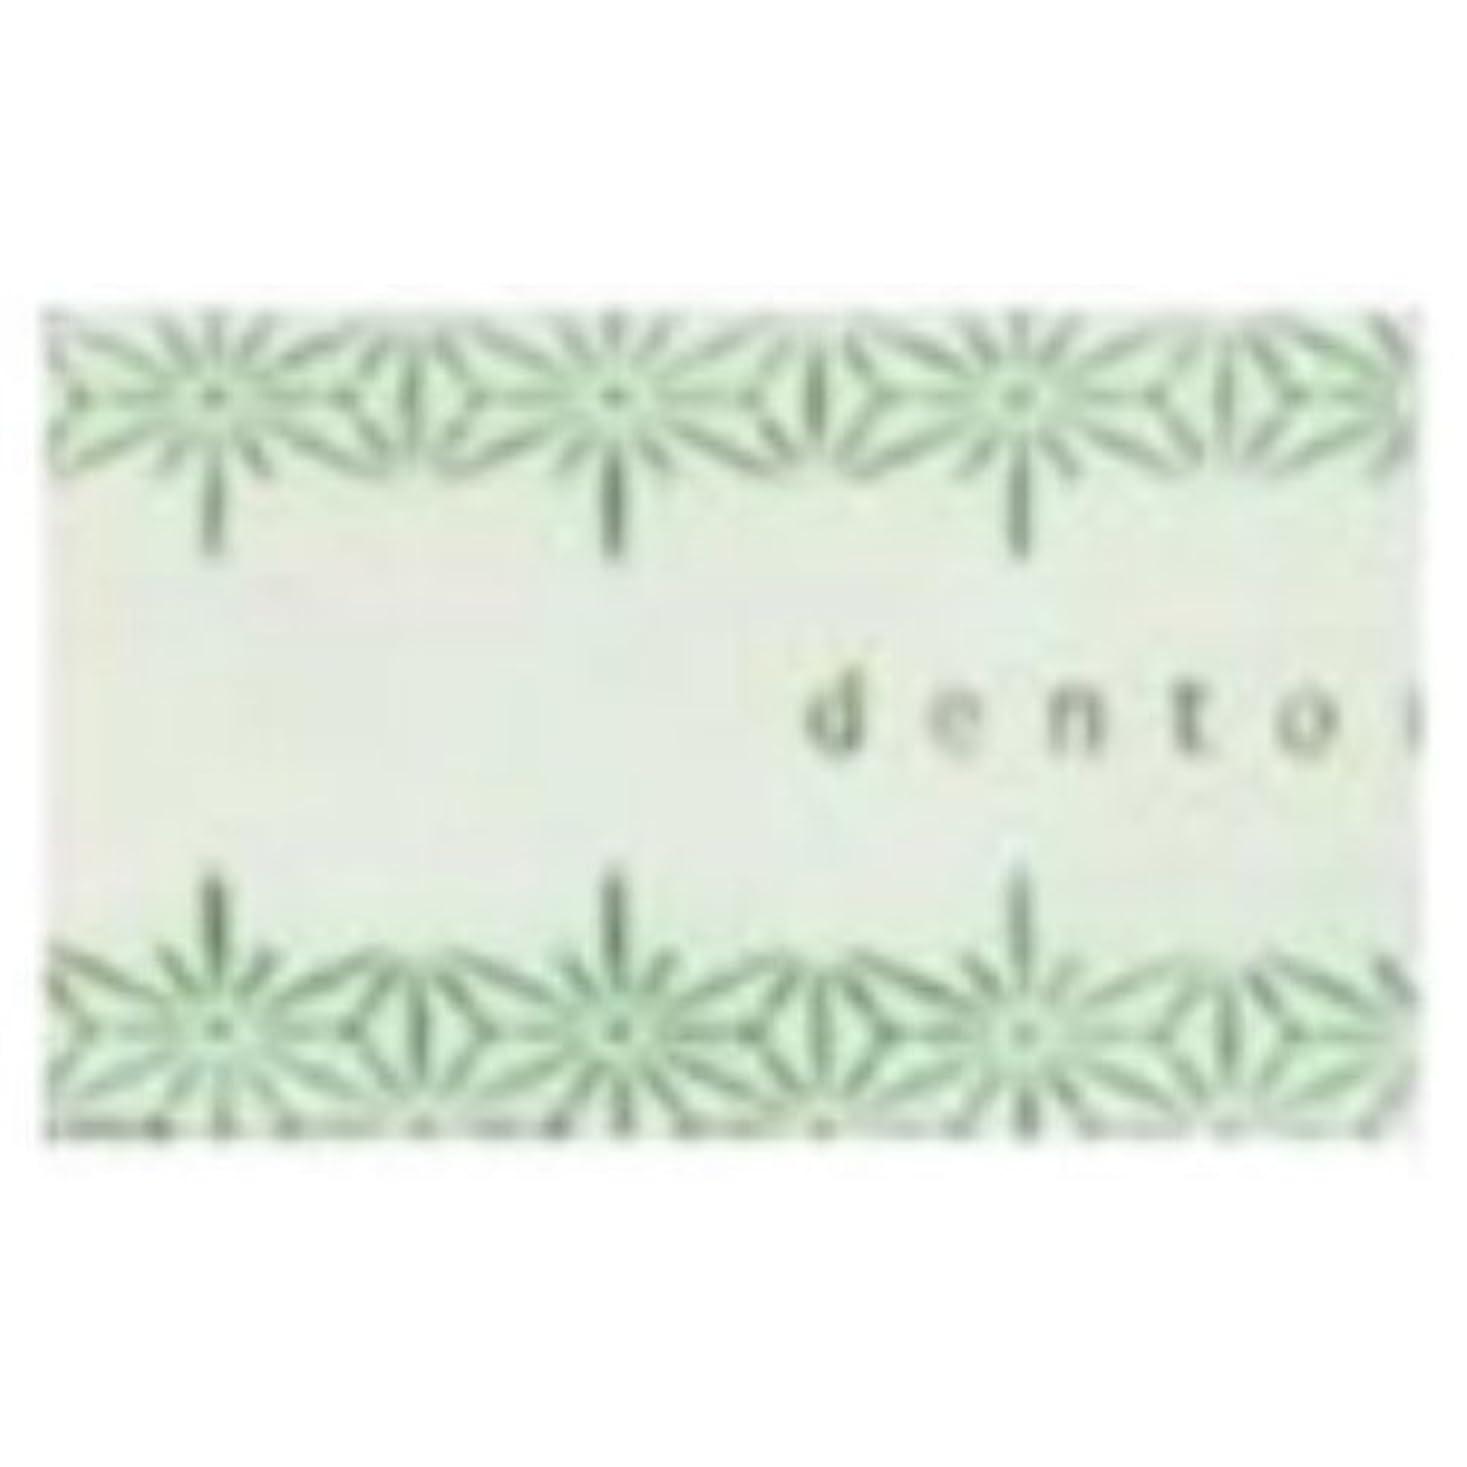 愛されし者添付印象的な薫寿堂 紙のお香 美香 雅の香り 30枚入